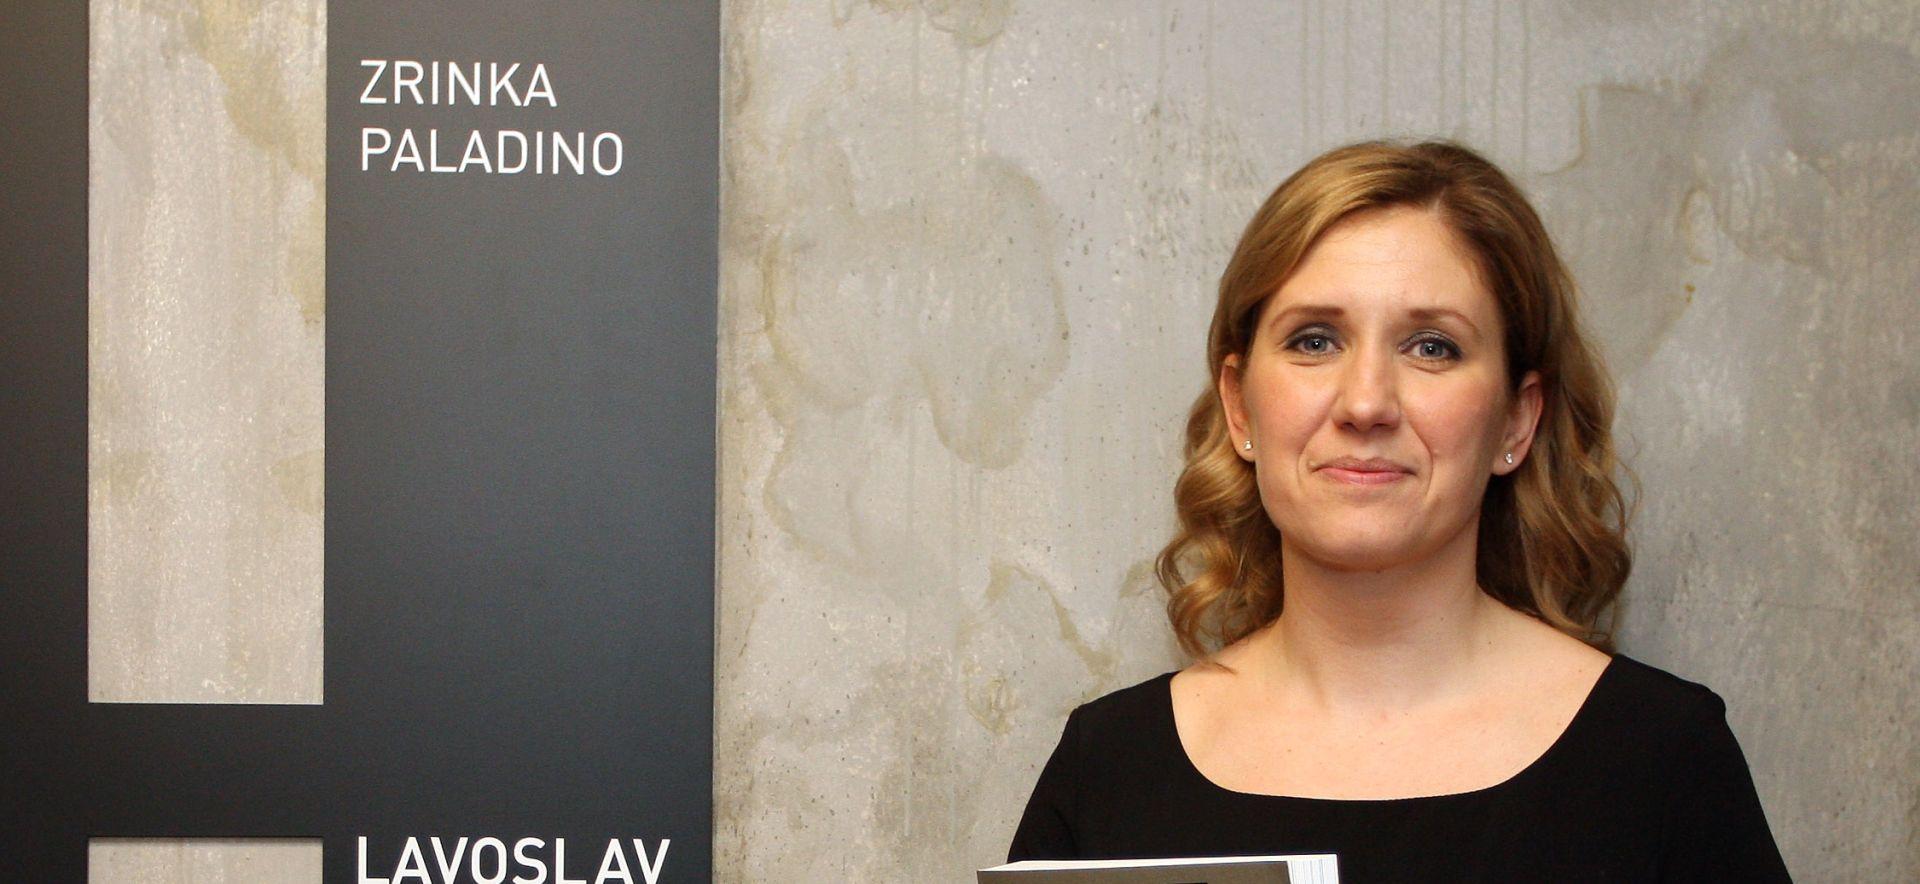 Zrinka Paladino u NU2 otkrila aferu o gradnji u Zagrebu tešku desetke milijuna kuna